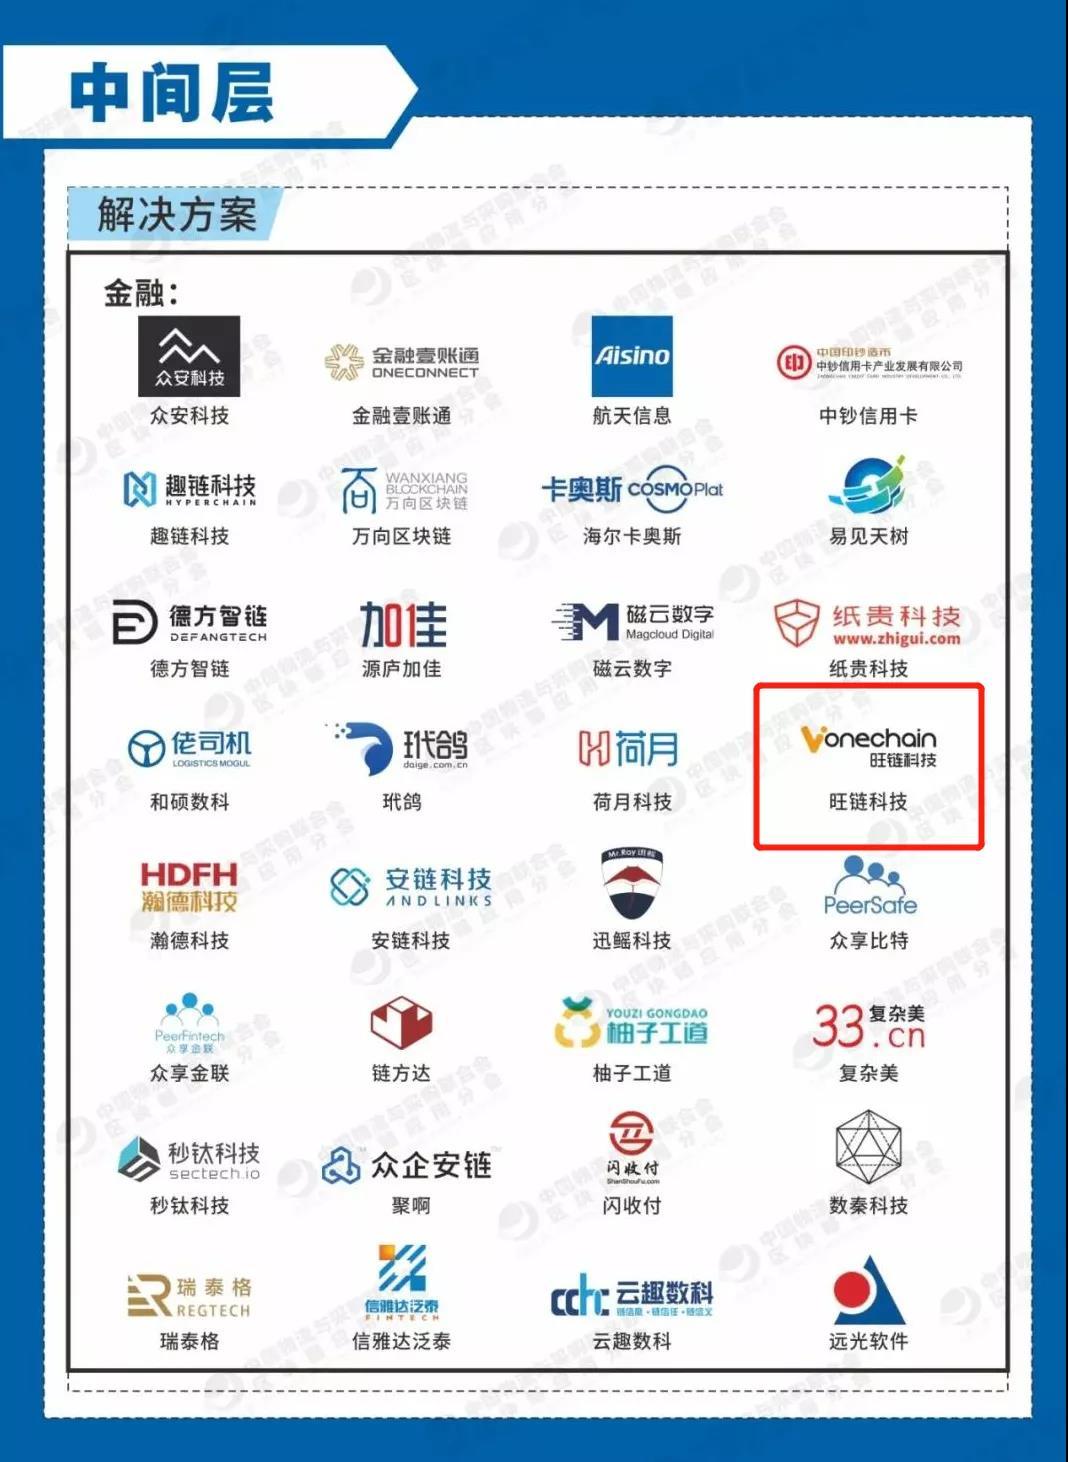 旺链科技,腾讯区块链,蚂蚁链、华为等入选《2020中国产业区块链生态图谱》